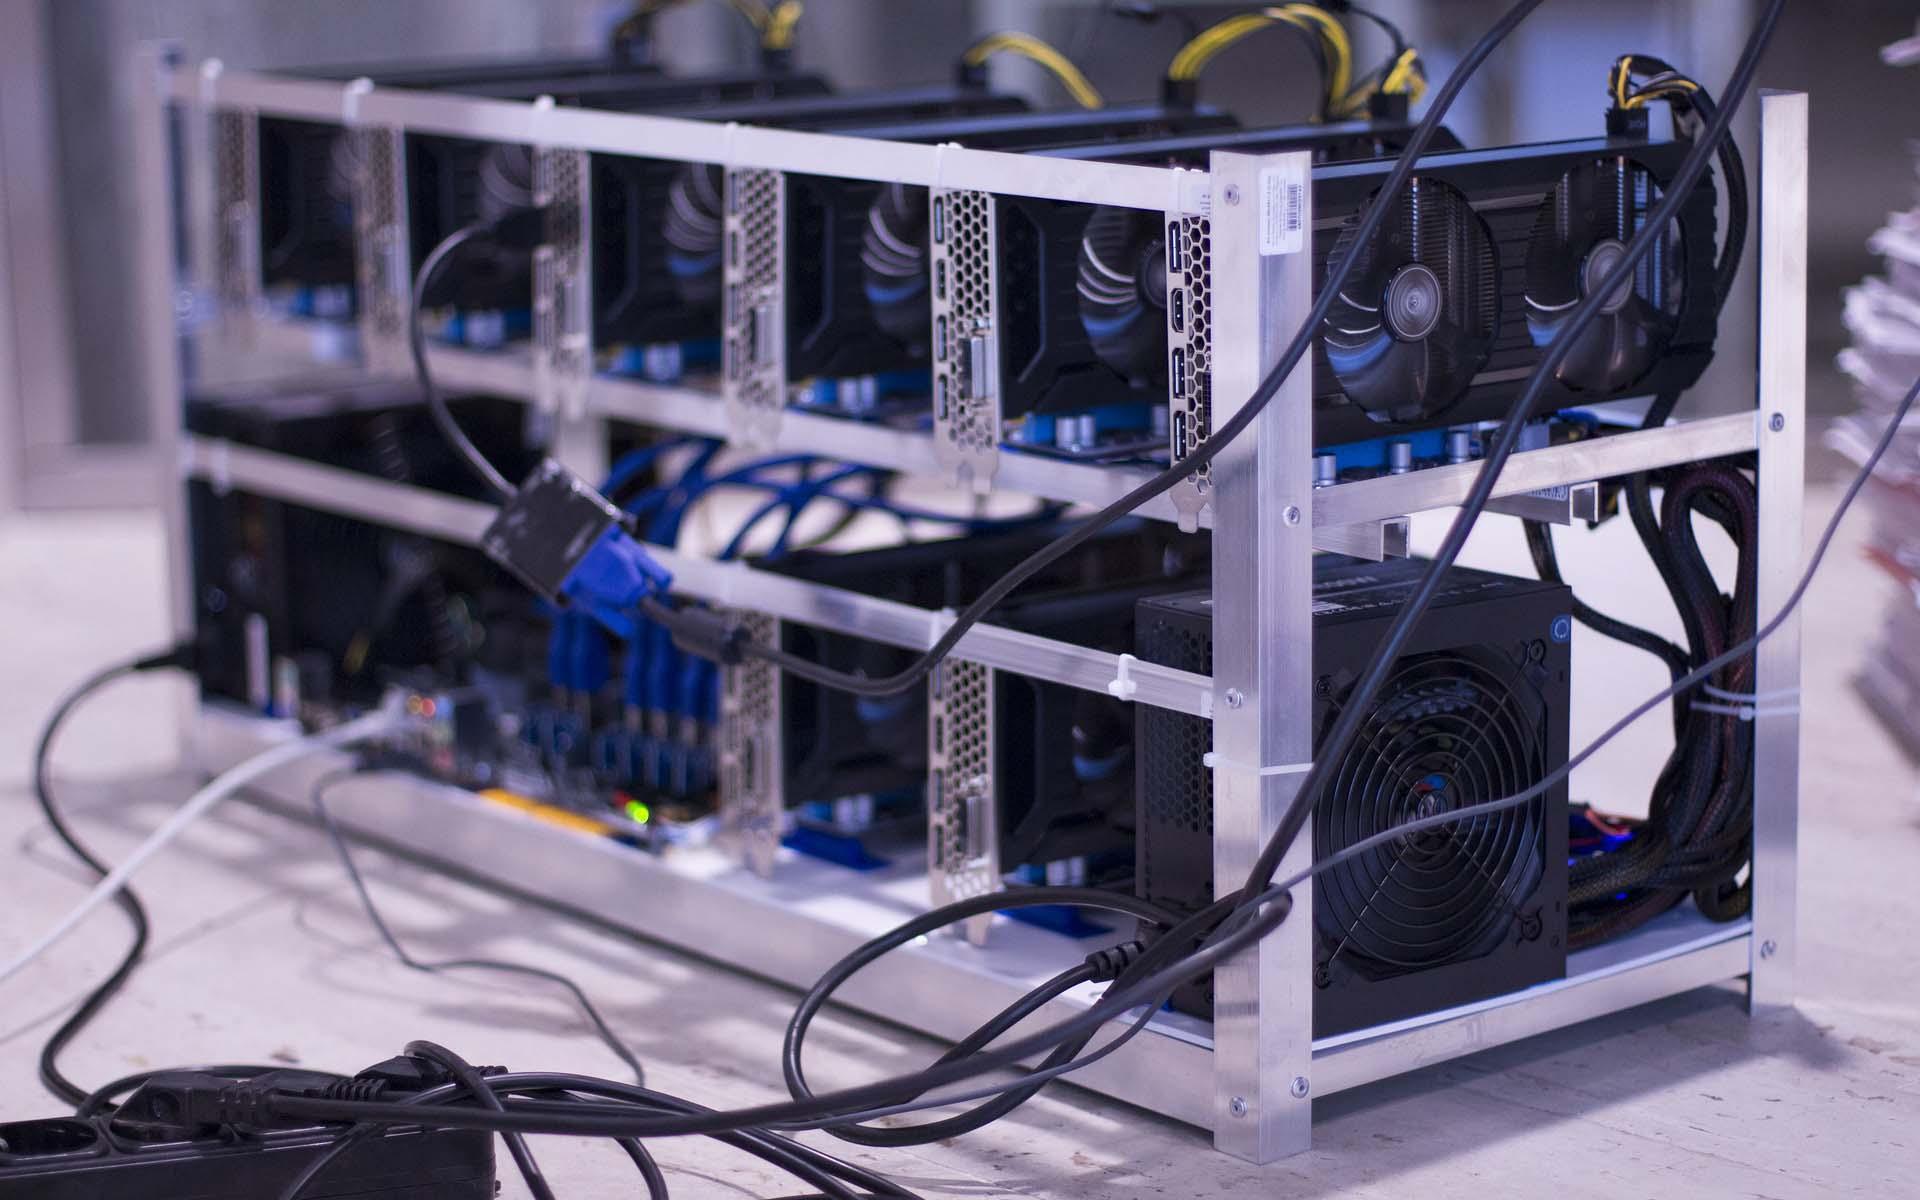 Félmillió a villanyszámla, de megéri – így bányásszák Budapesten a kriptovalutát - Qubit